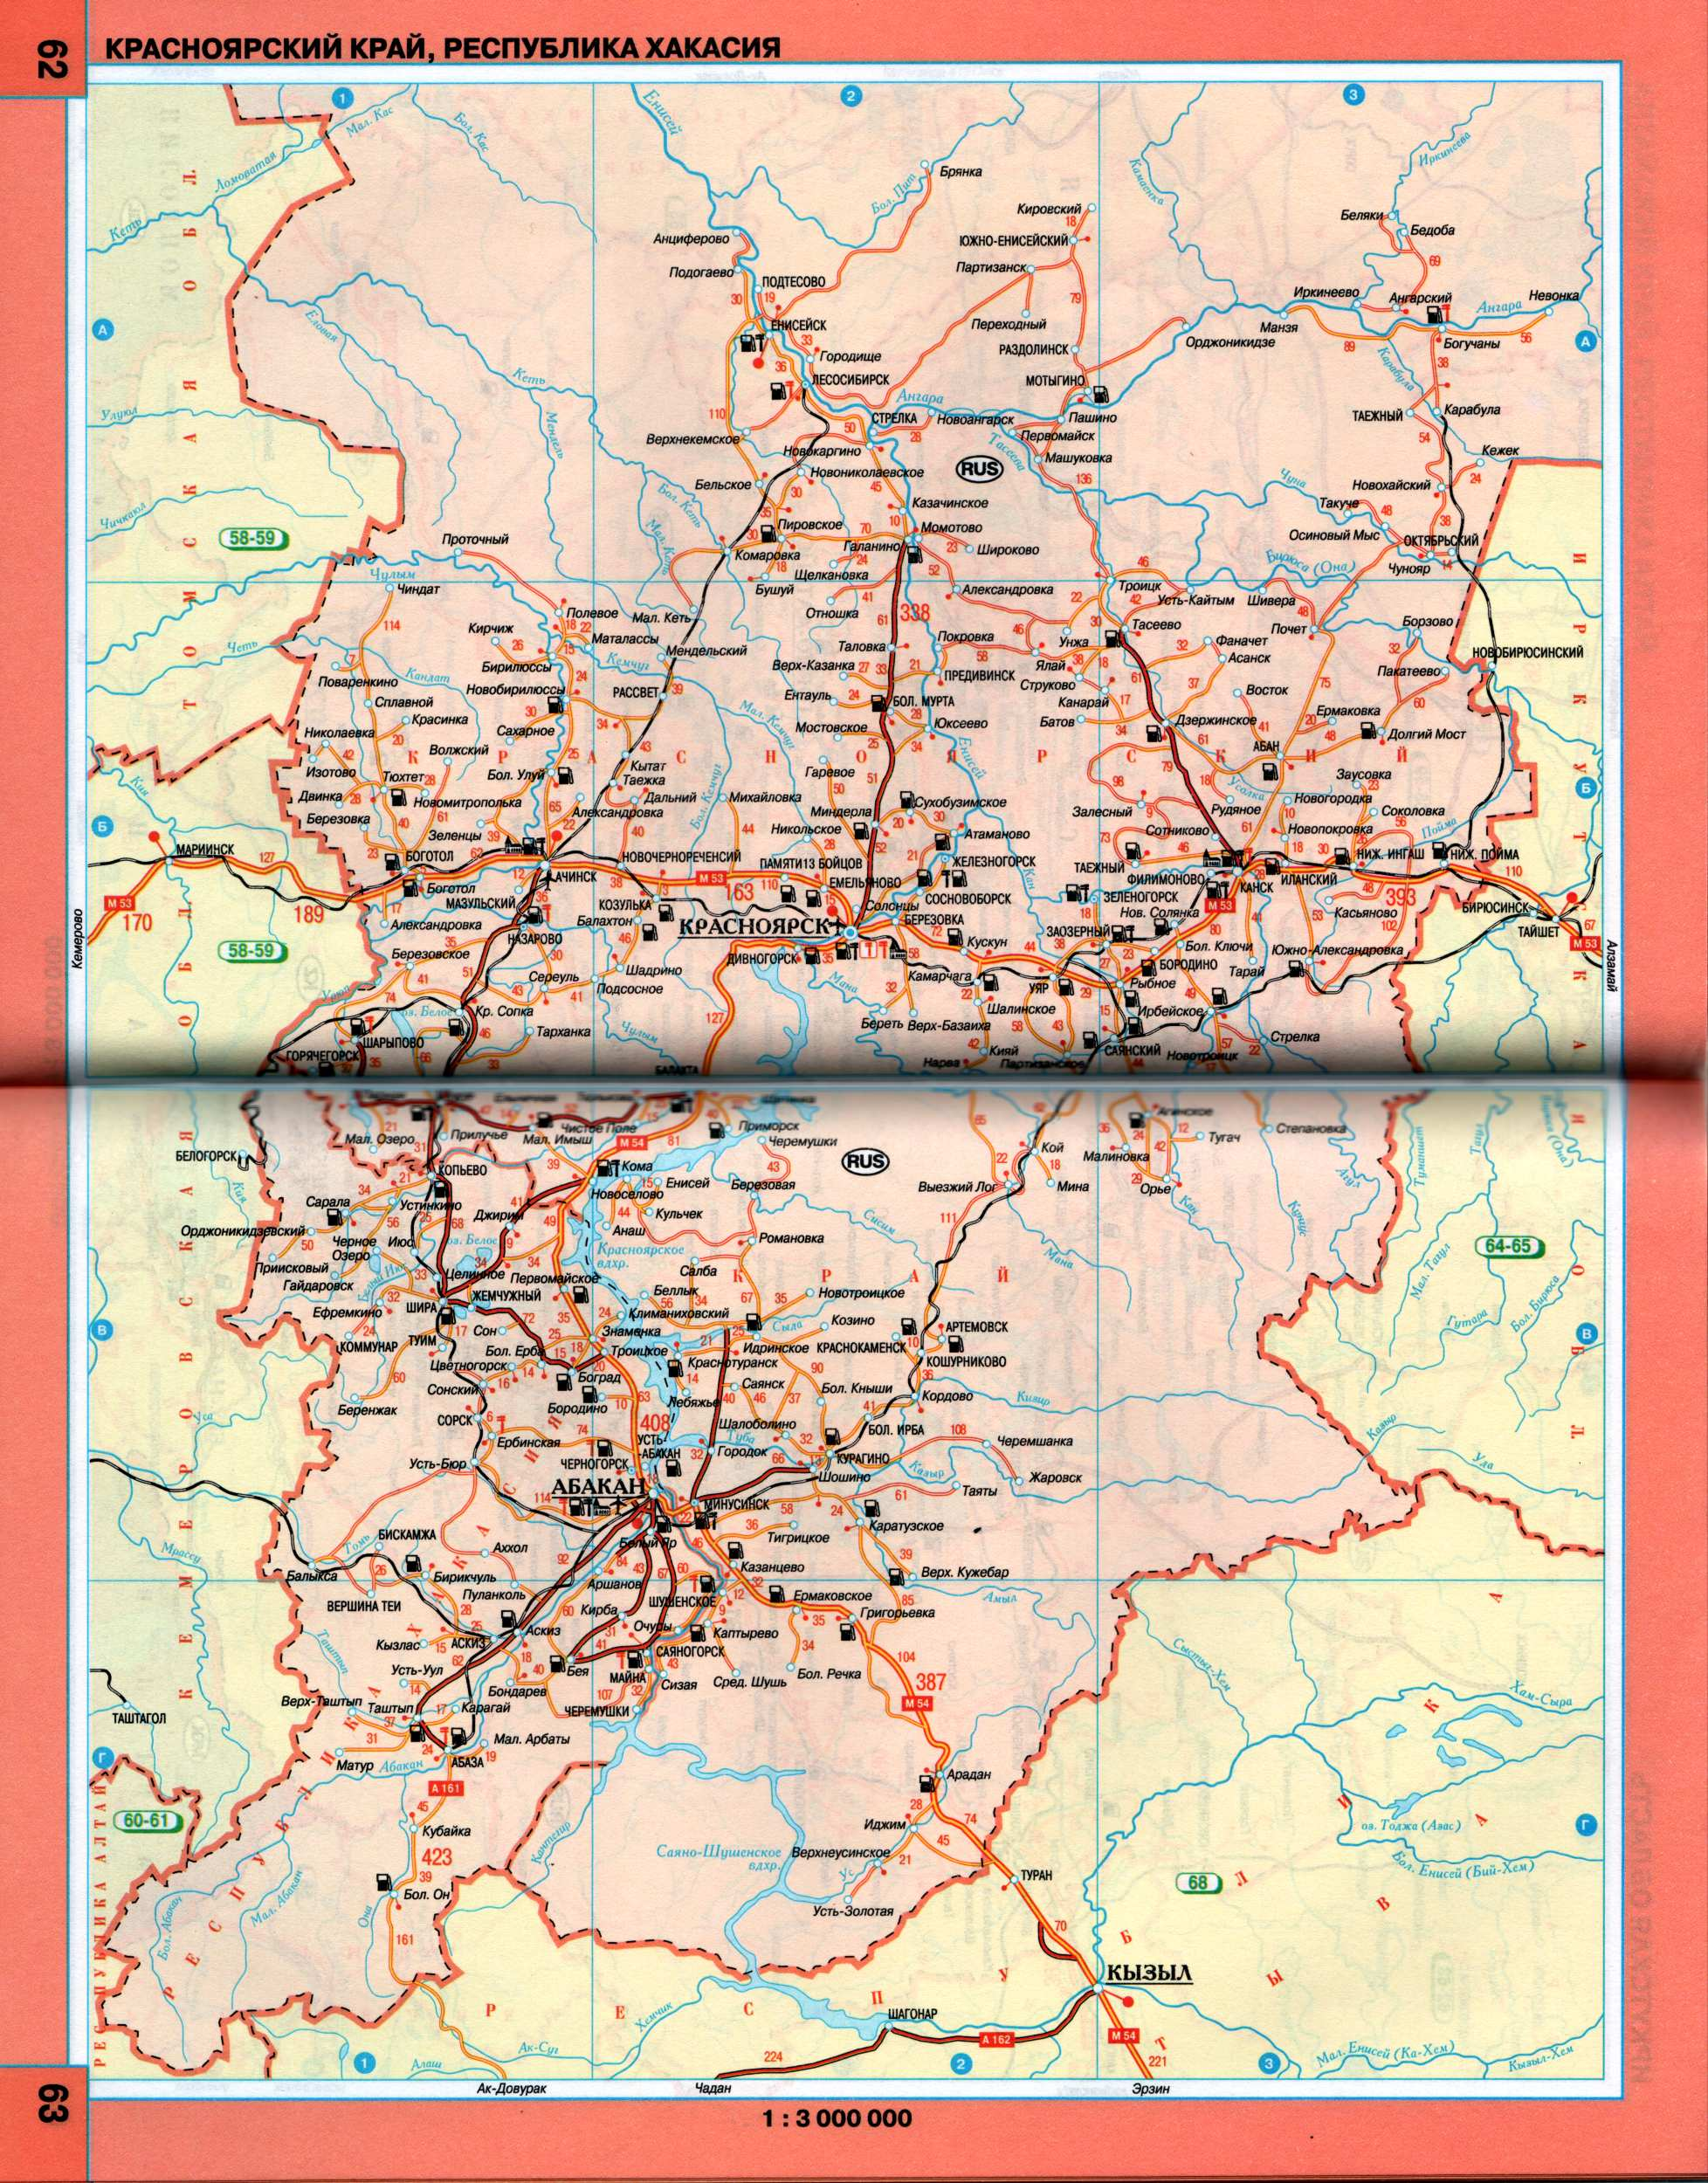 Карта схема автомобильных дорог Красноярского края и республики Хакасия.